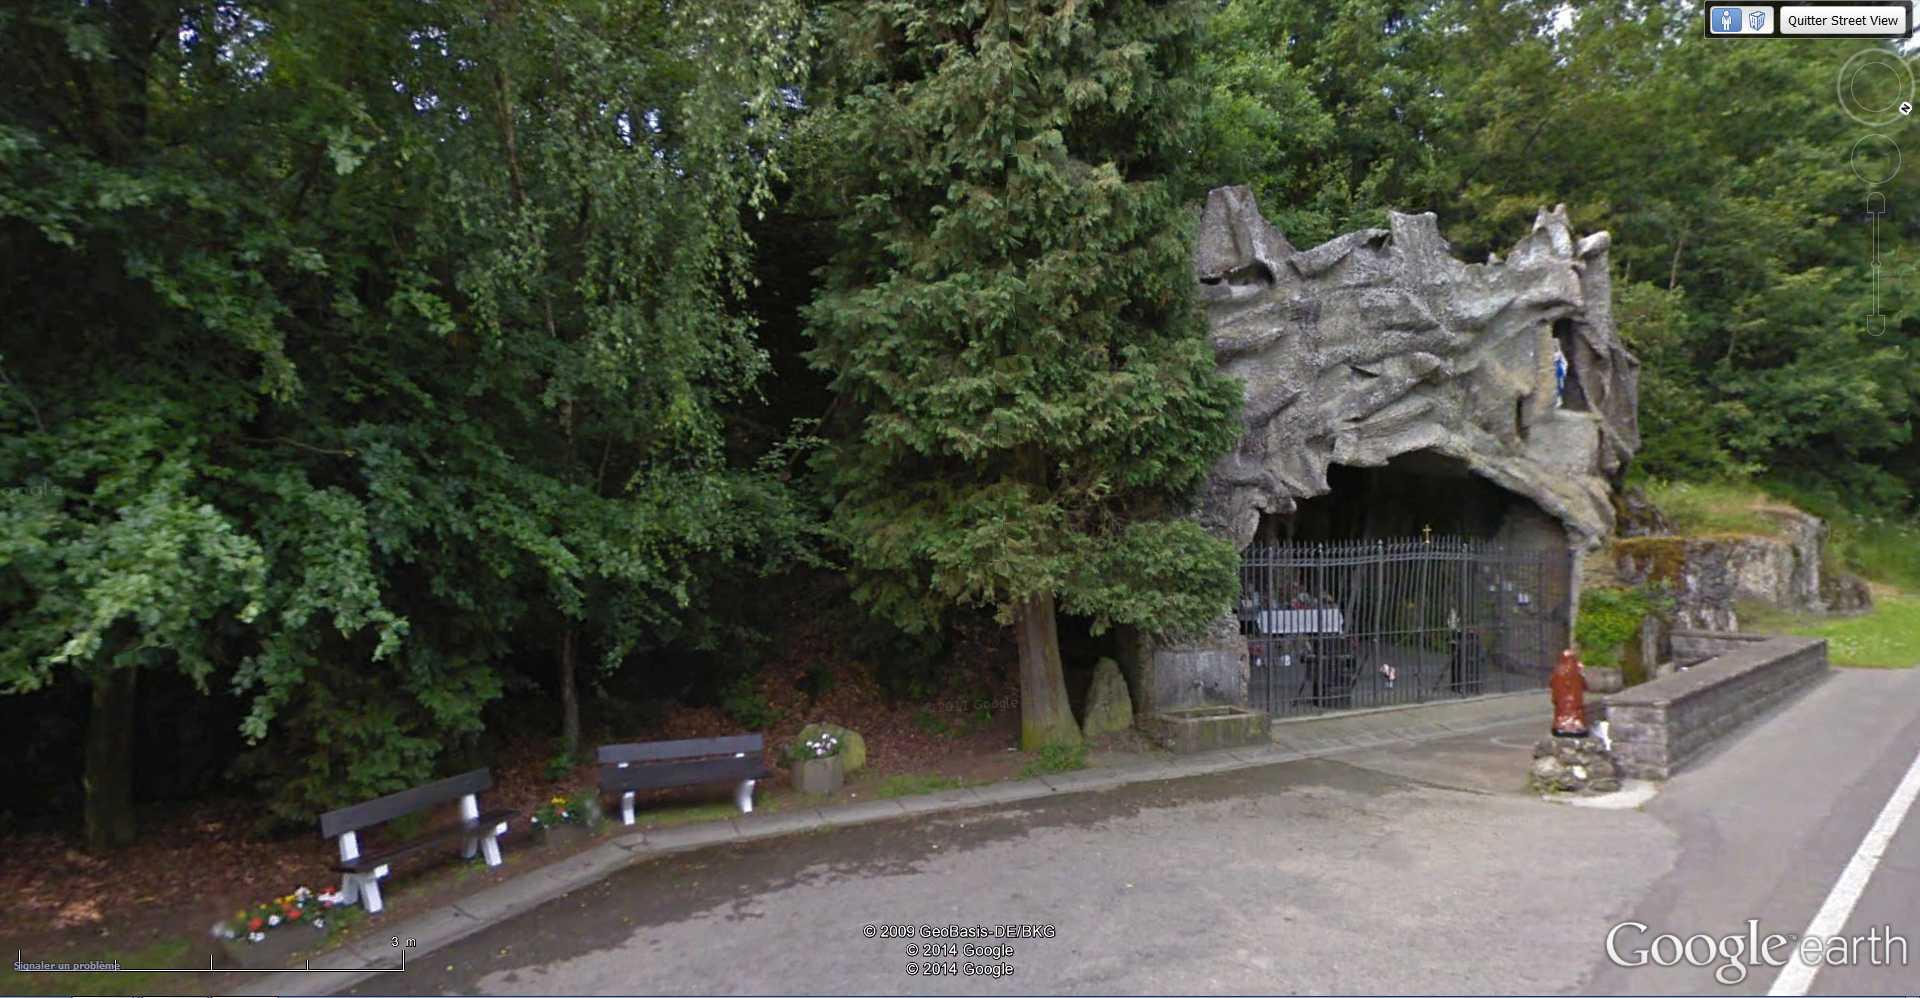 Les répliques de la grotte de Lourdes - Page 2 2014-123